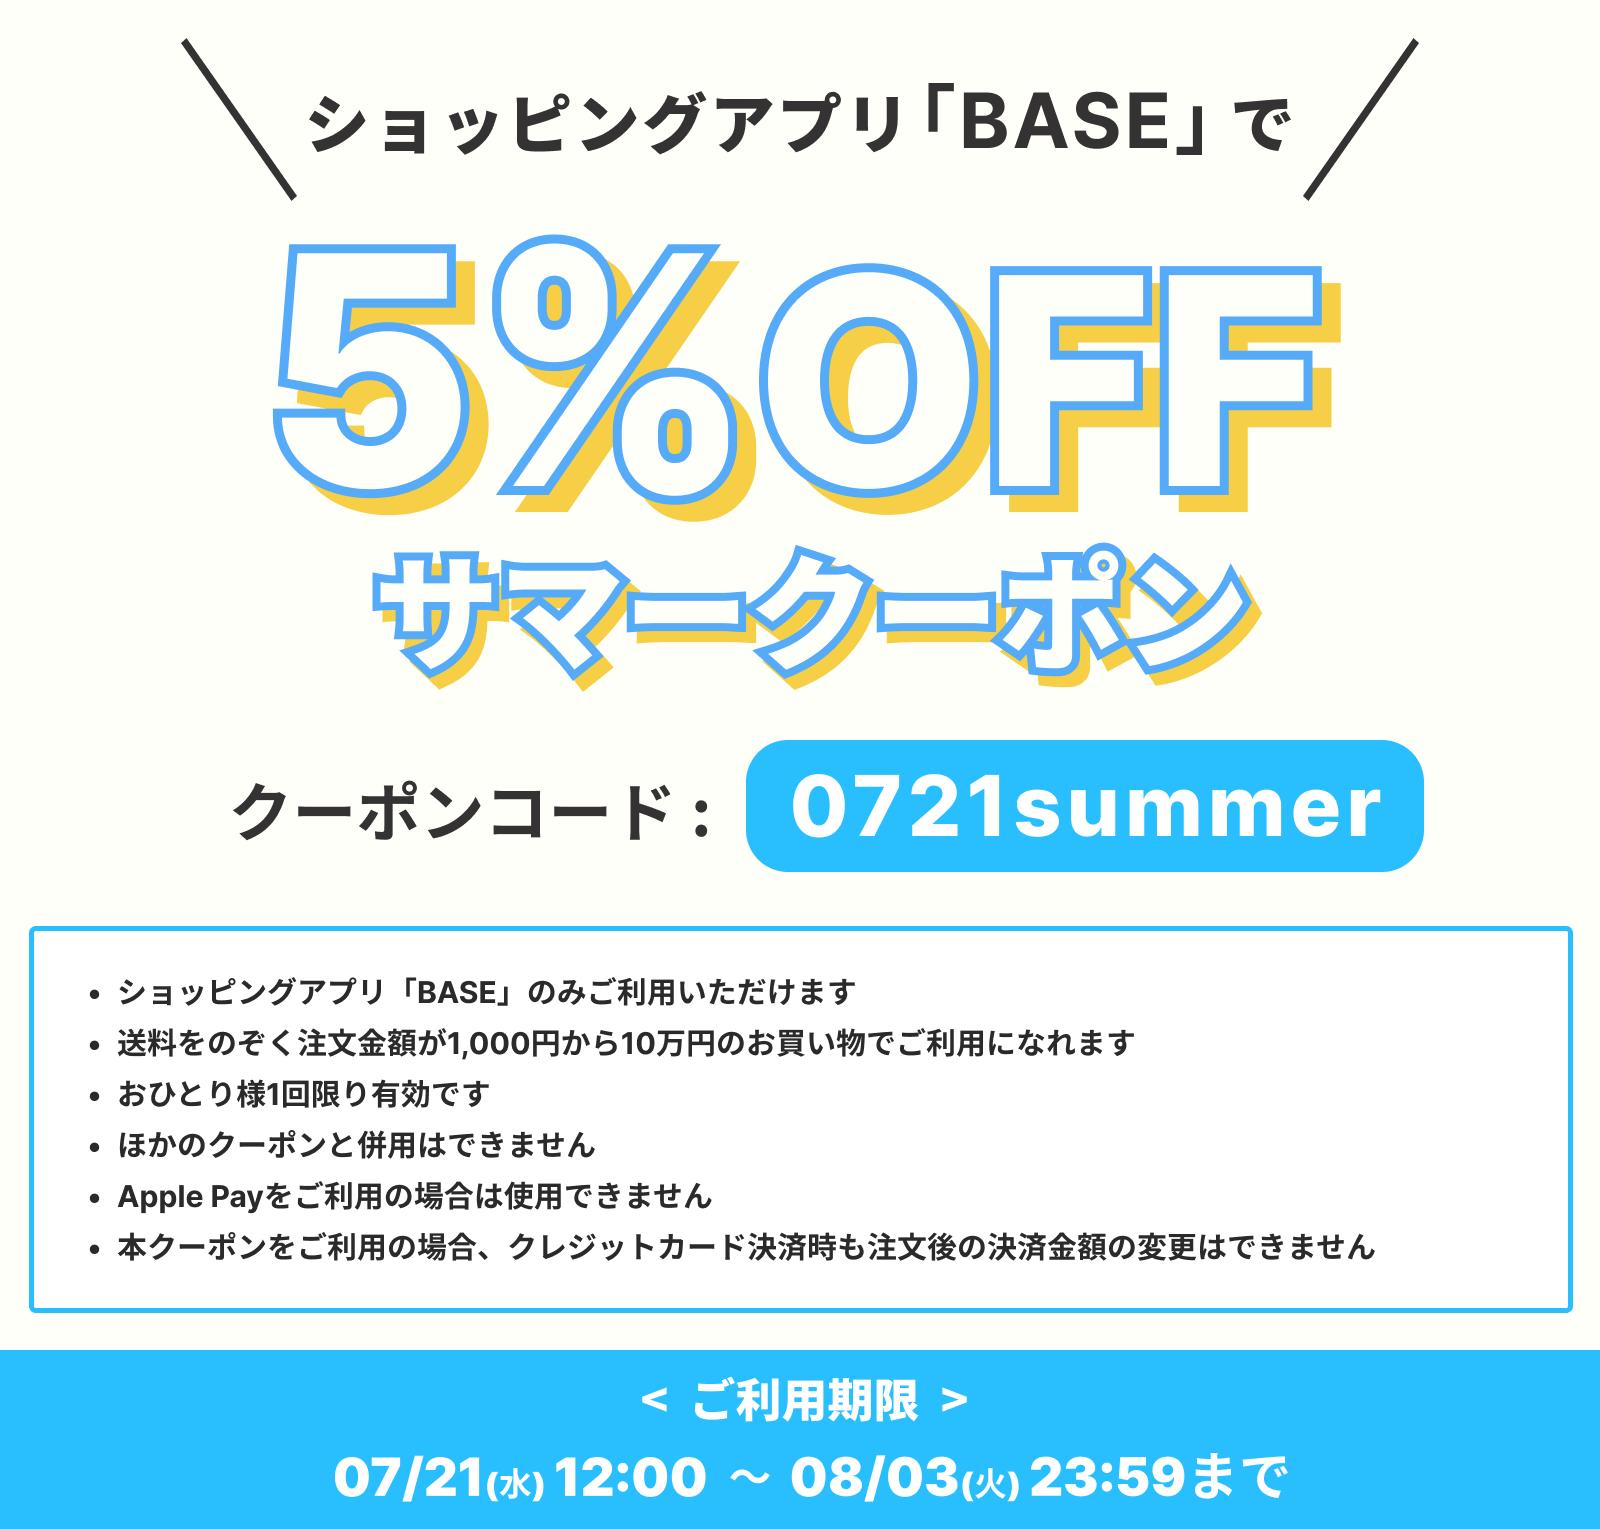 期間限定5%OFFクーポンをプレゼント!8月3日(火)まで!